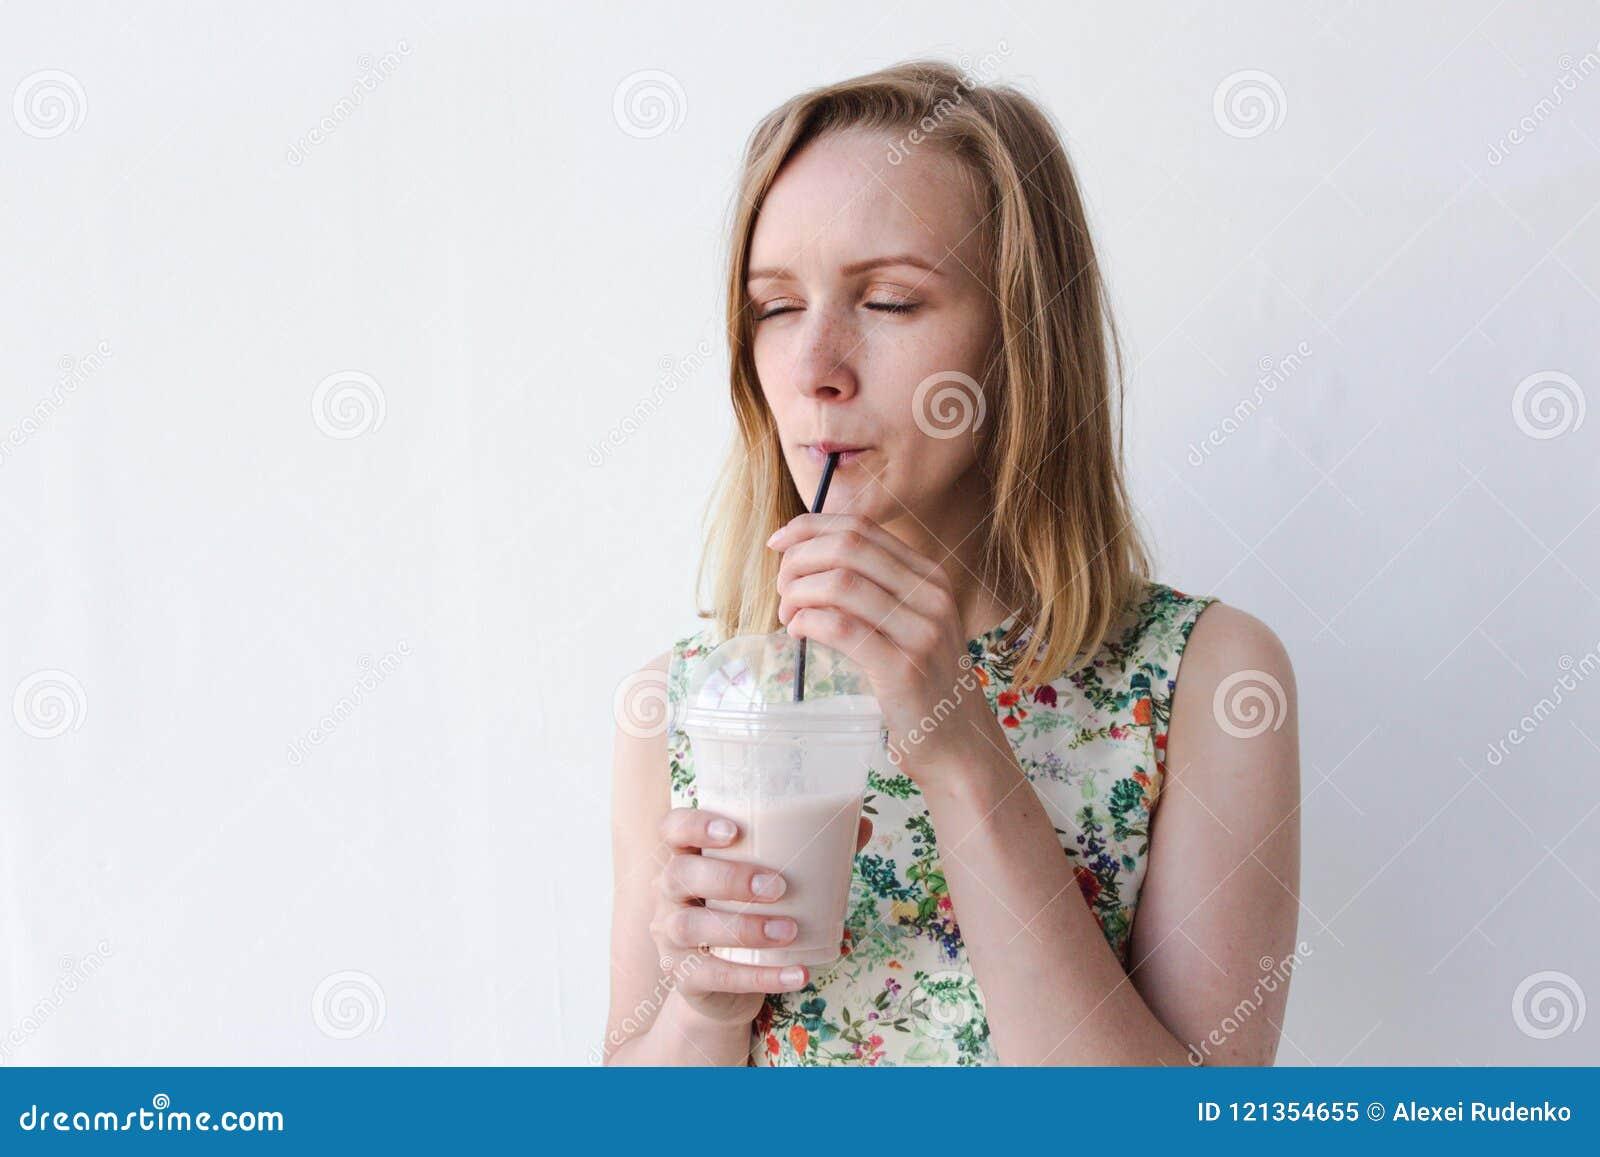 Ett härligt och en ung flicka står på en vit bakgrund och dricker en drink Hon är mycket glad och tycker om drinken Drinken är